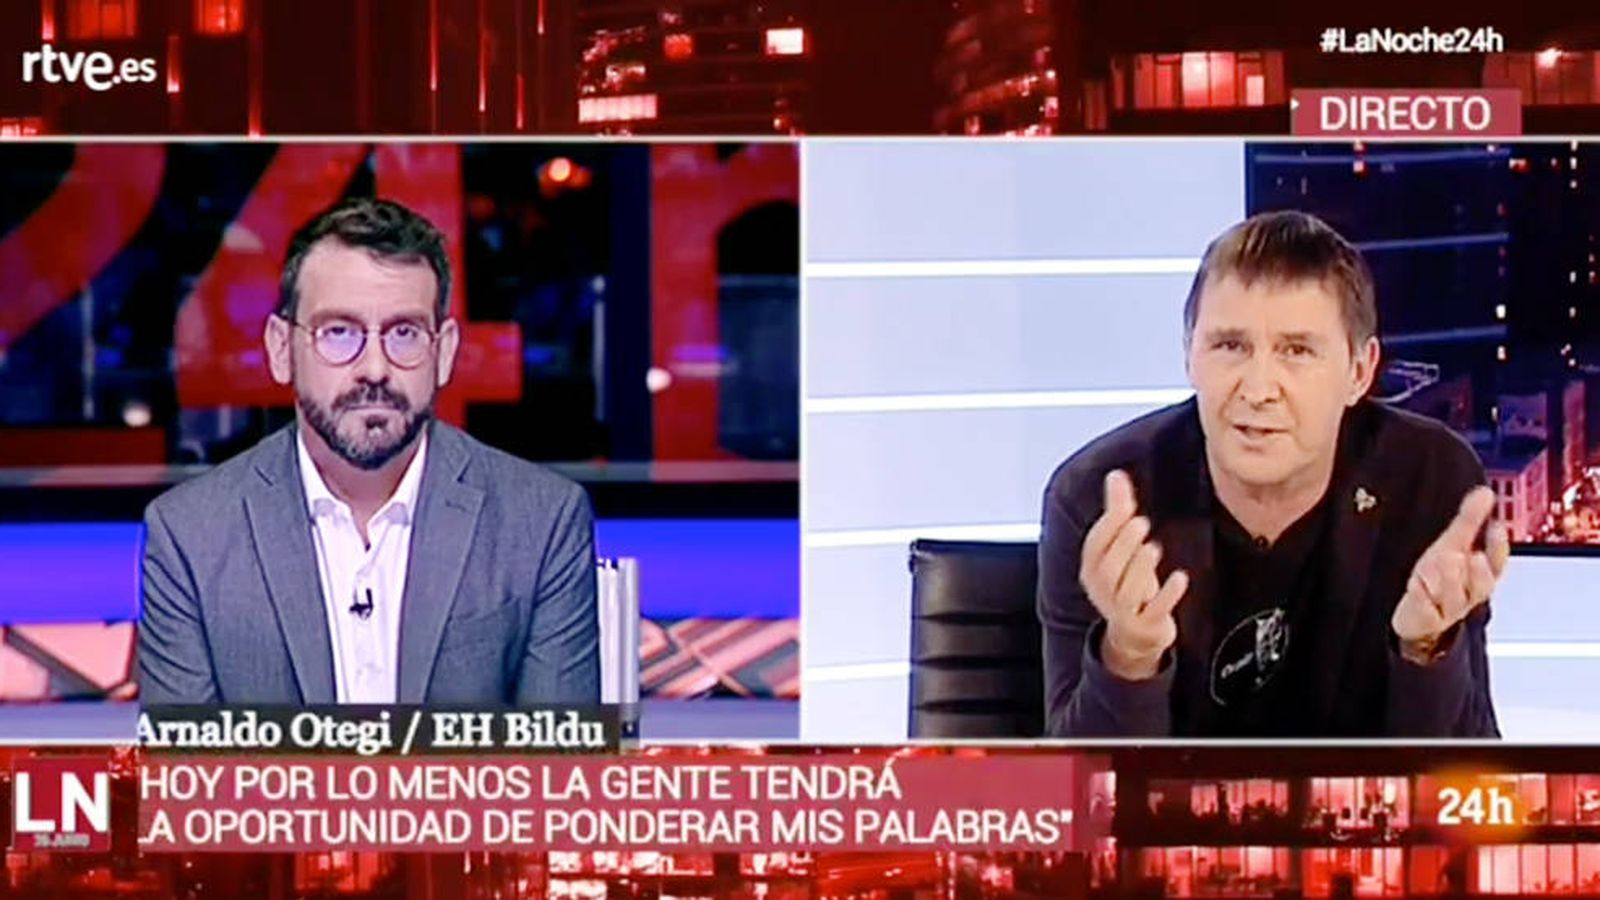 Foto: El presentador de 'La noche en 24 horas', Marc Sala, y Arnaldo Otegi, en la entrevista de TVE.